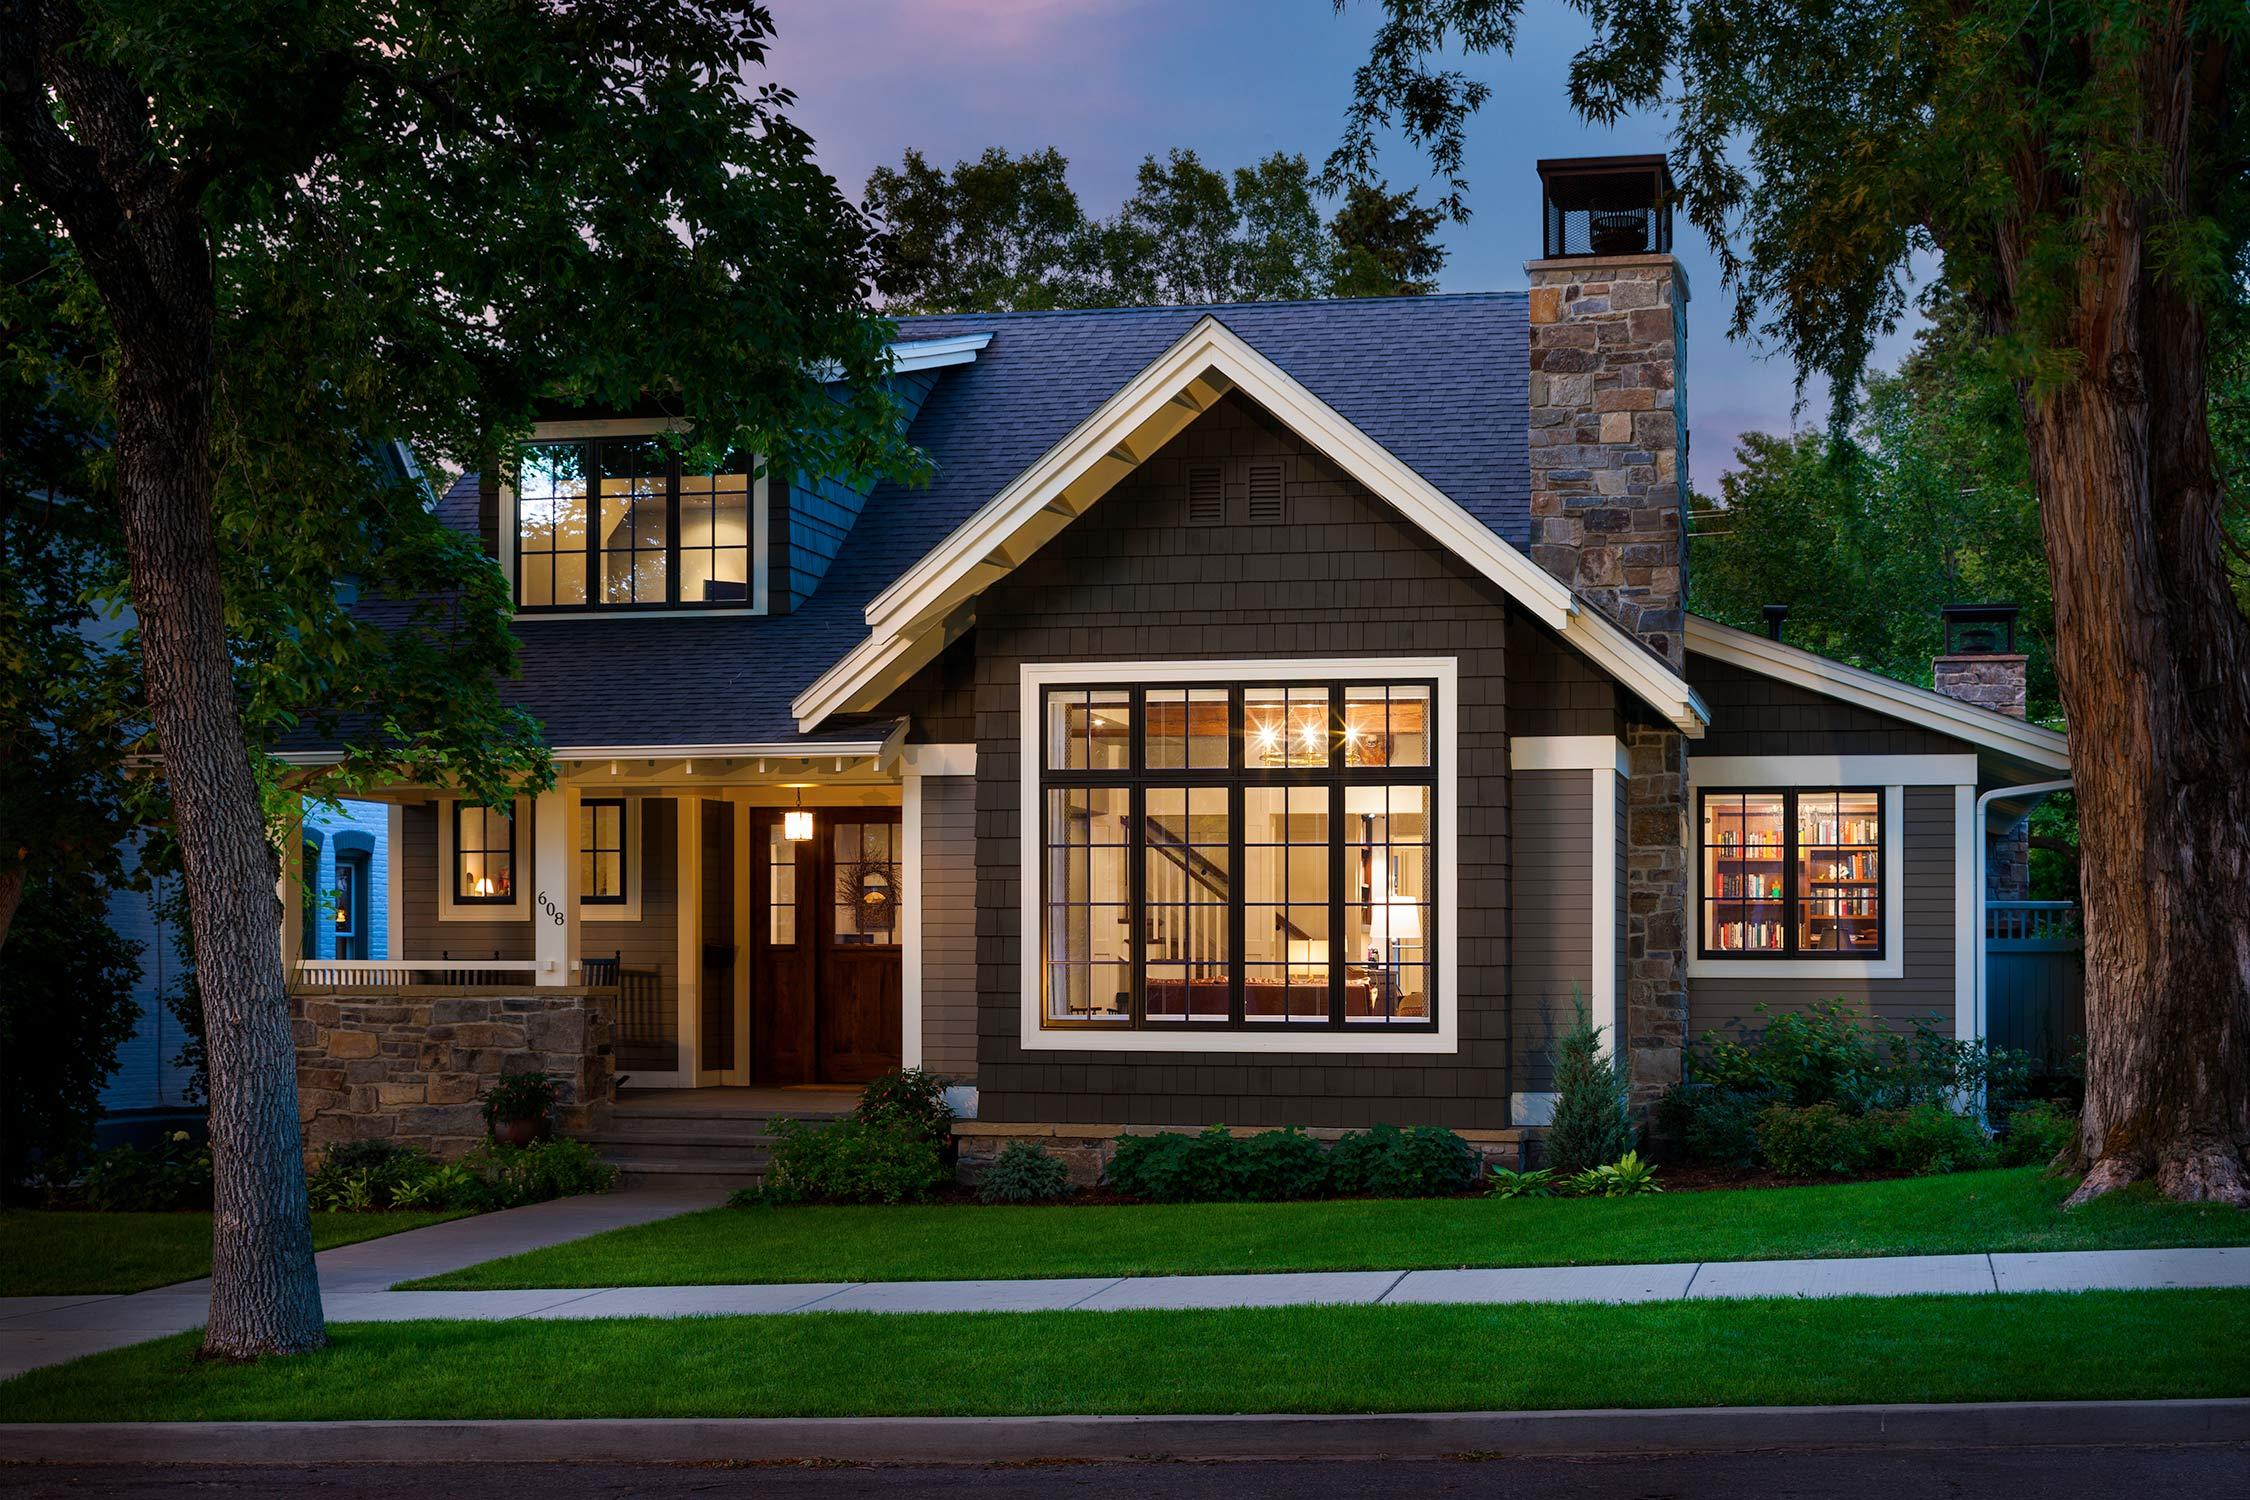 cape cod style bungalow